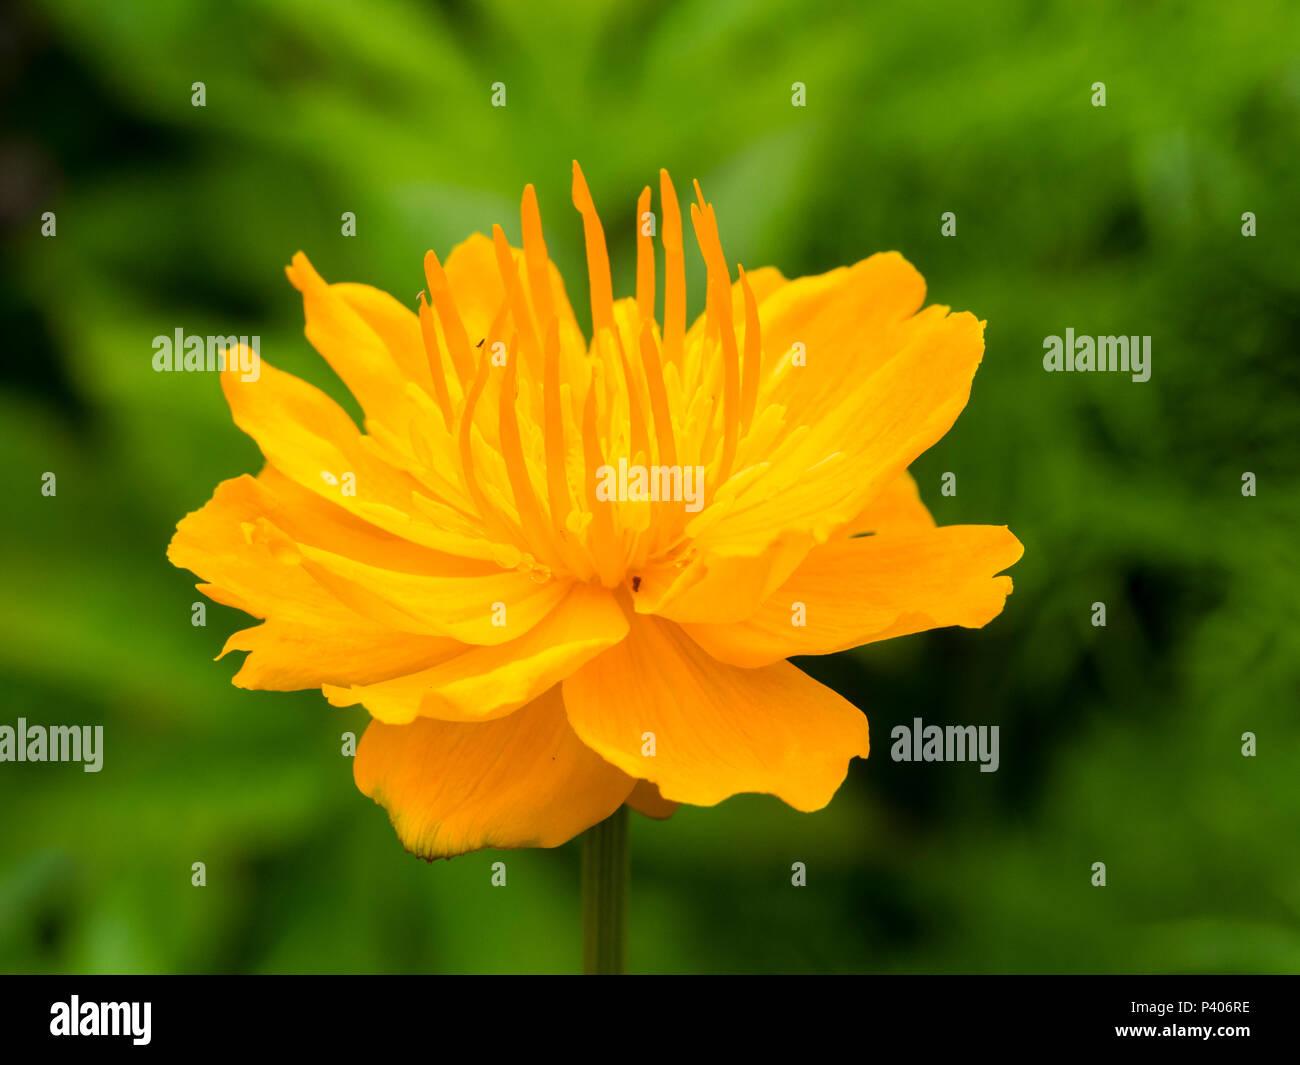 Orange Flower Of The Moisture Loving Early Summer Flowering